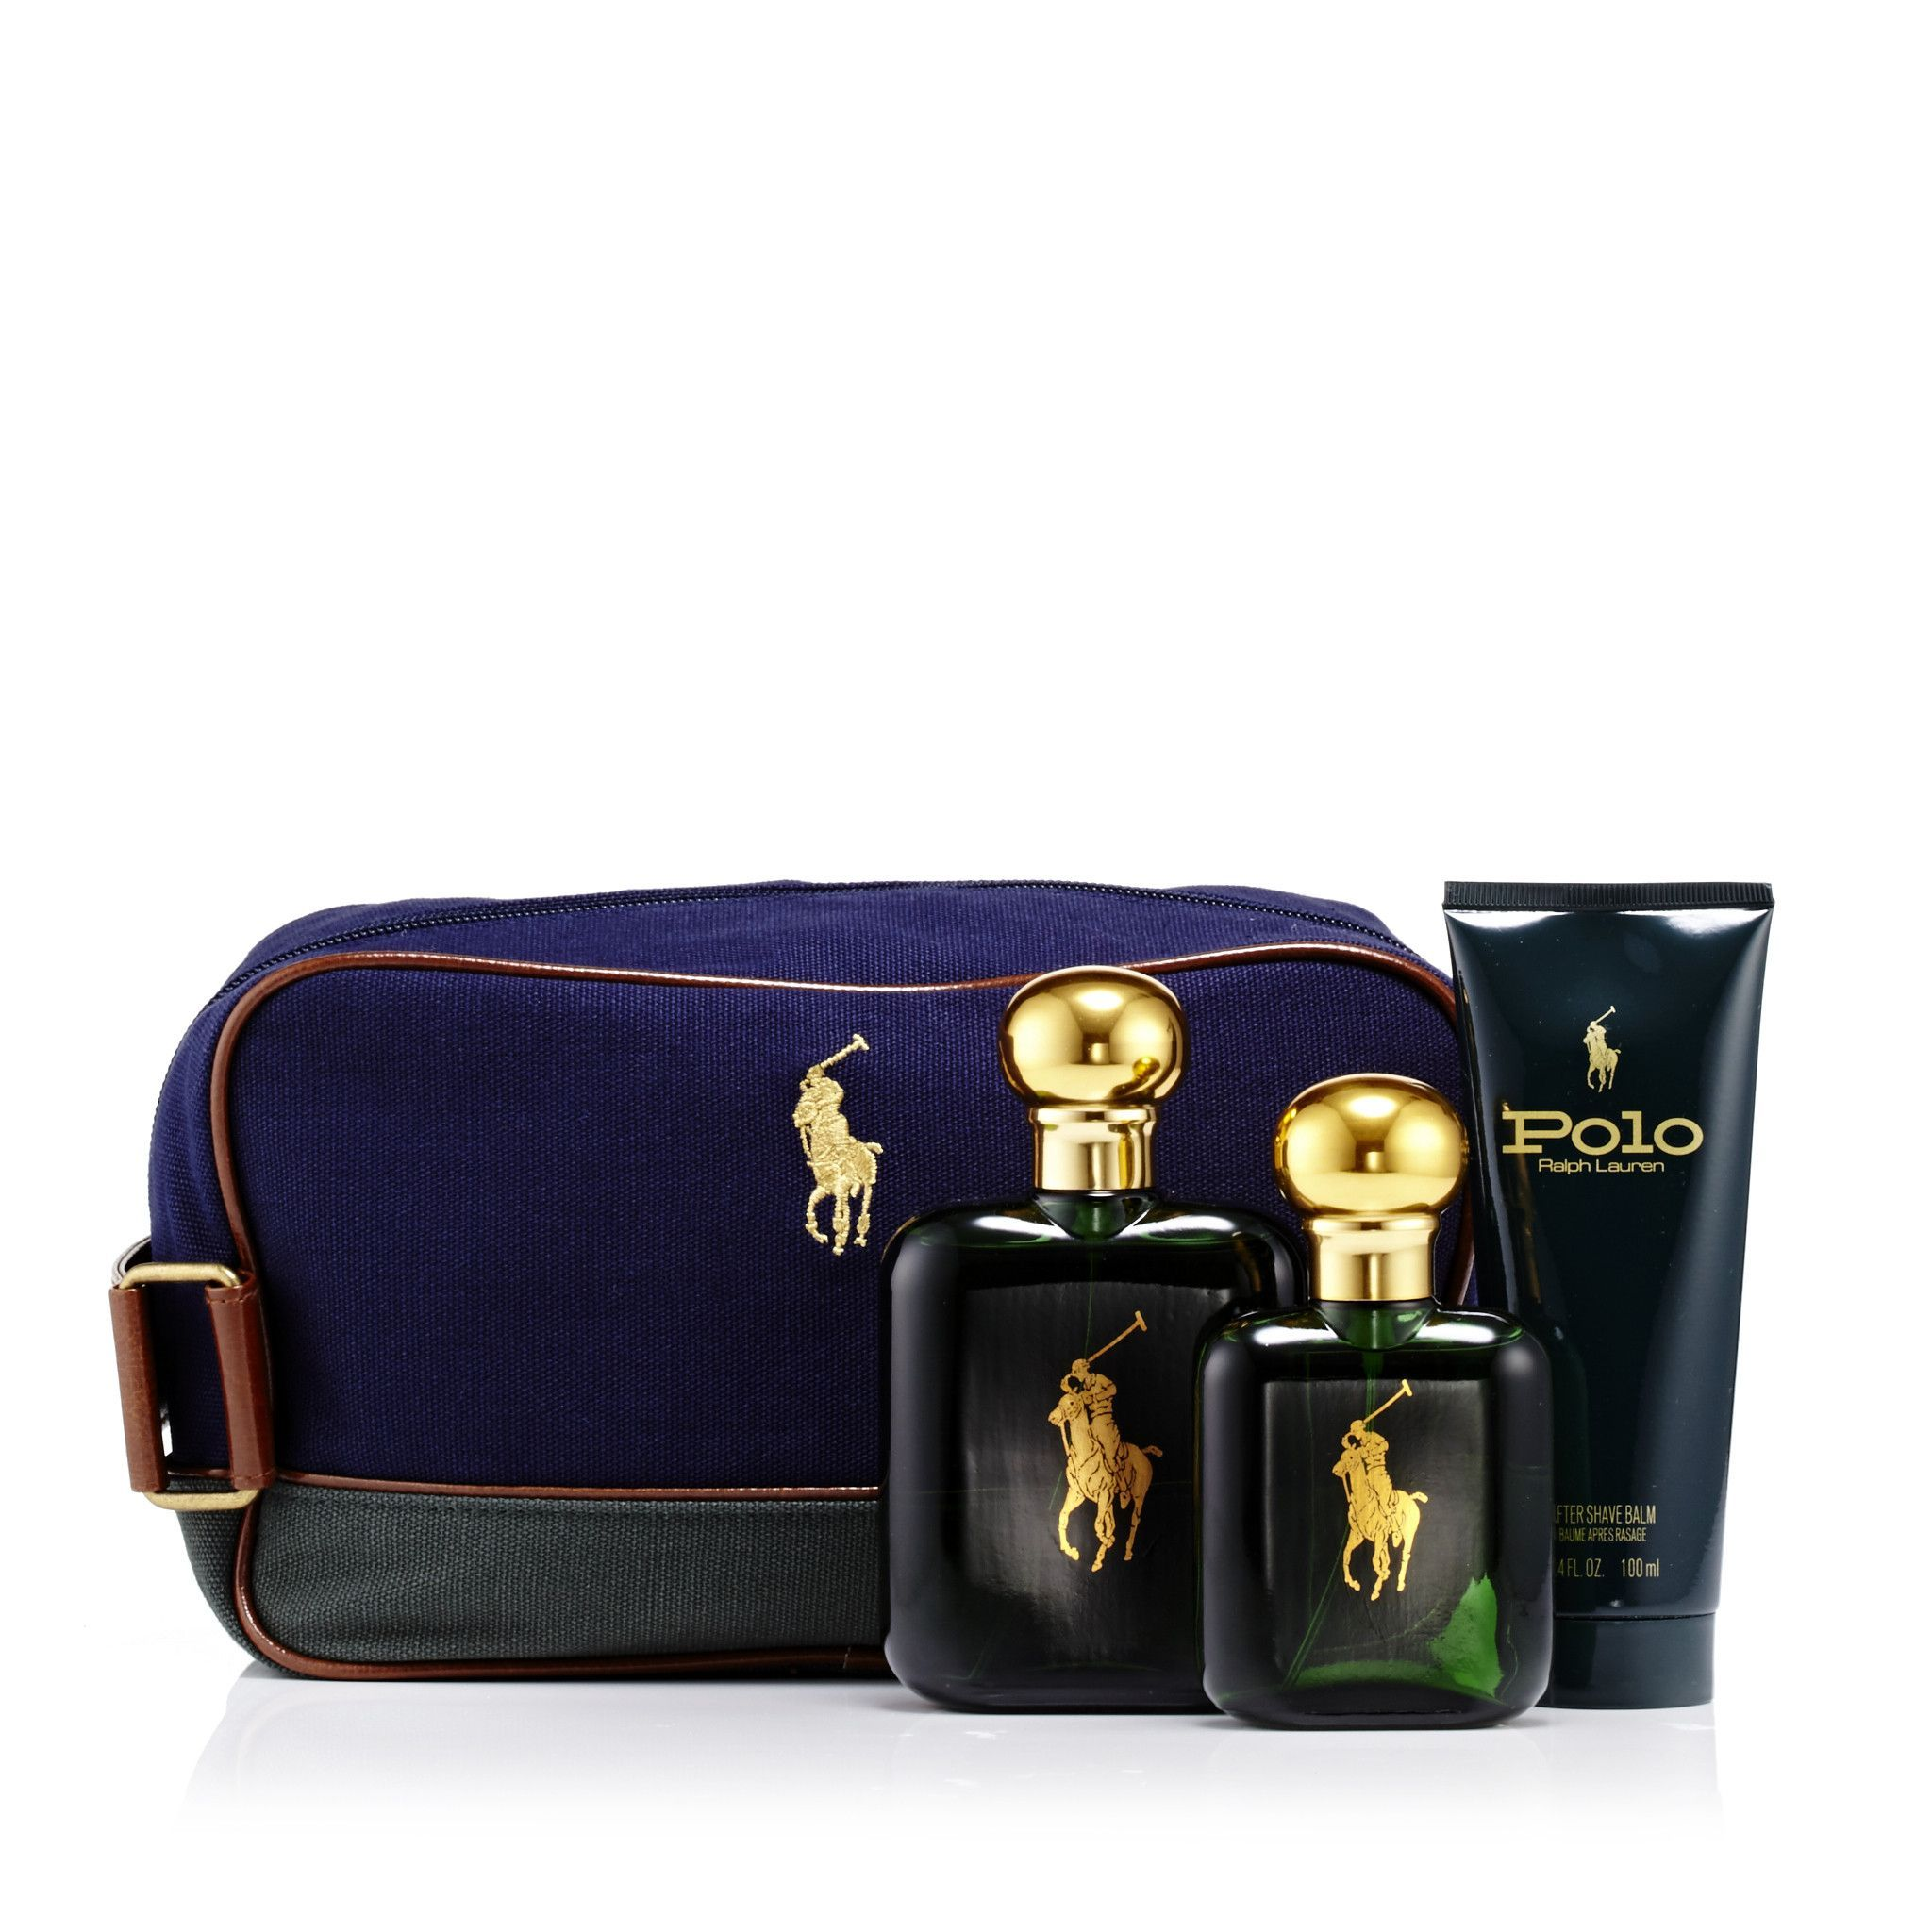 68492715cd74 Polo Green Gift Set and Dopp Kit Bag for Men by Ralph Lauren